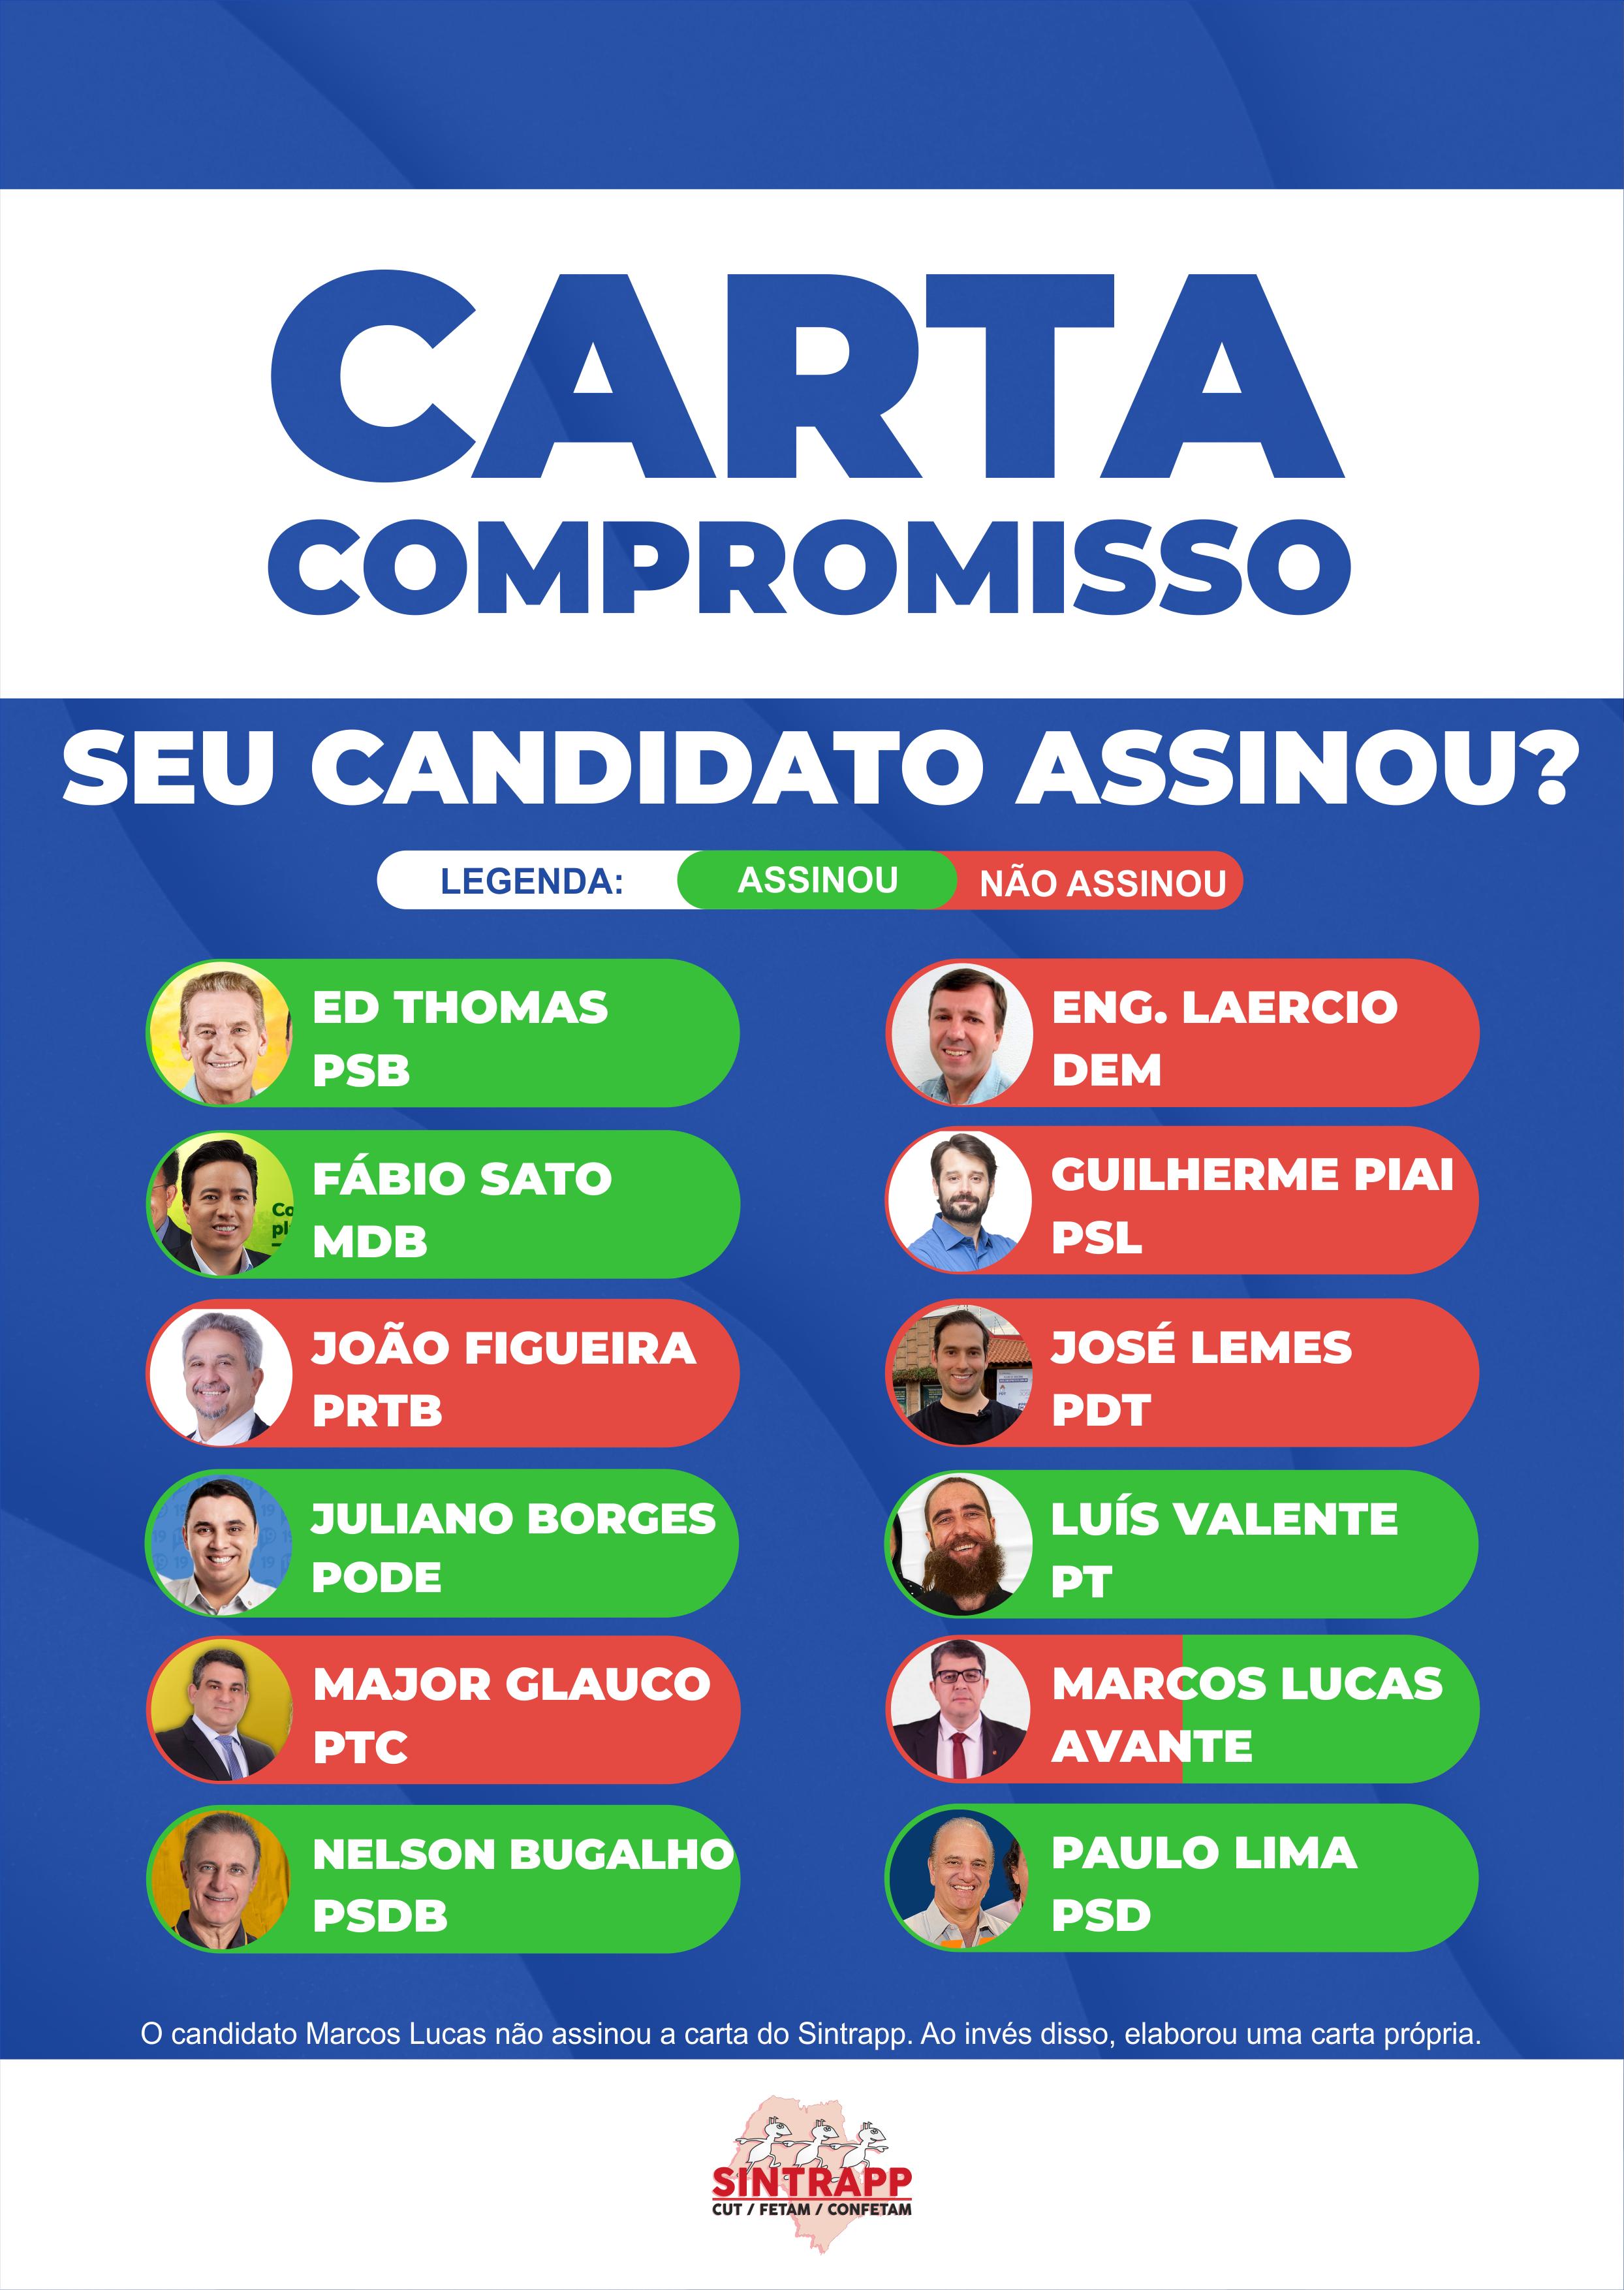 Carta Compromisso: Seu candidato está comprometido com a  categoria?